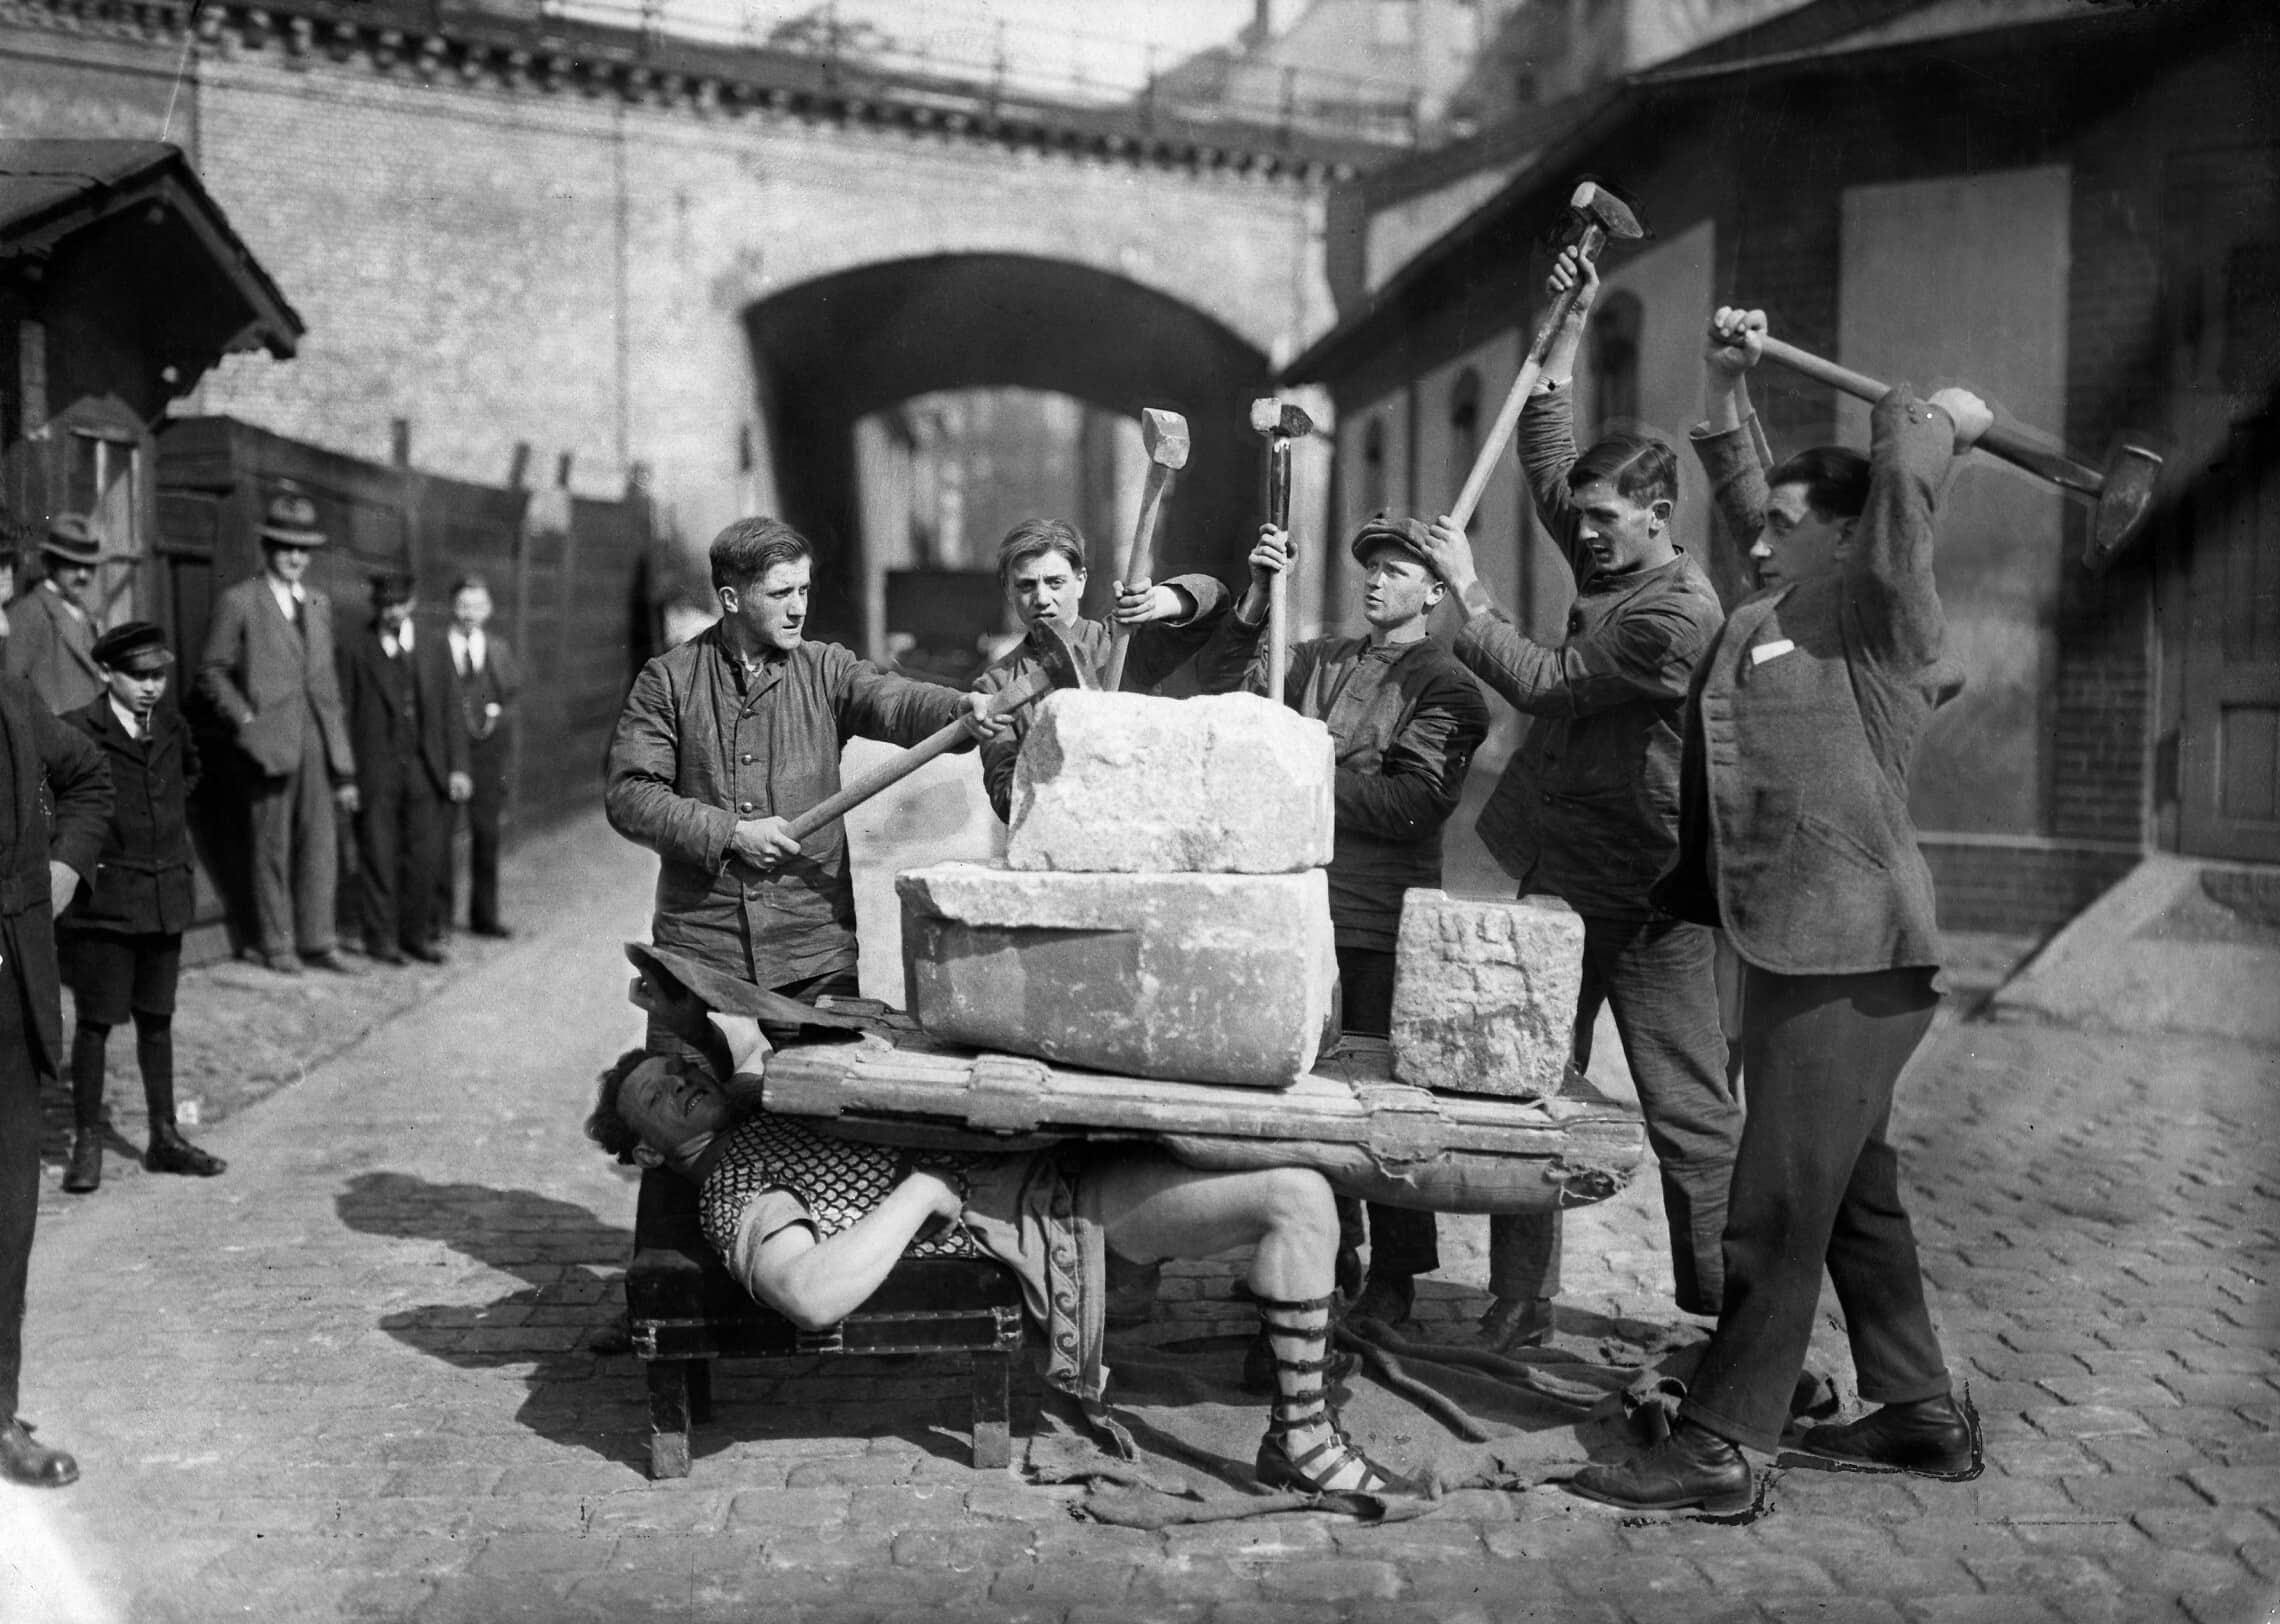 זיגמונד ברייטבארט מפגין את כוחו בשנת 1921 (צילום: ullstein bild via Getty Images)